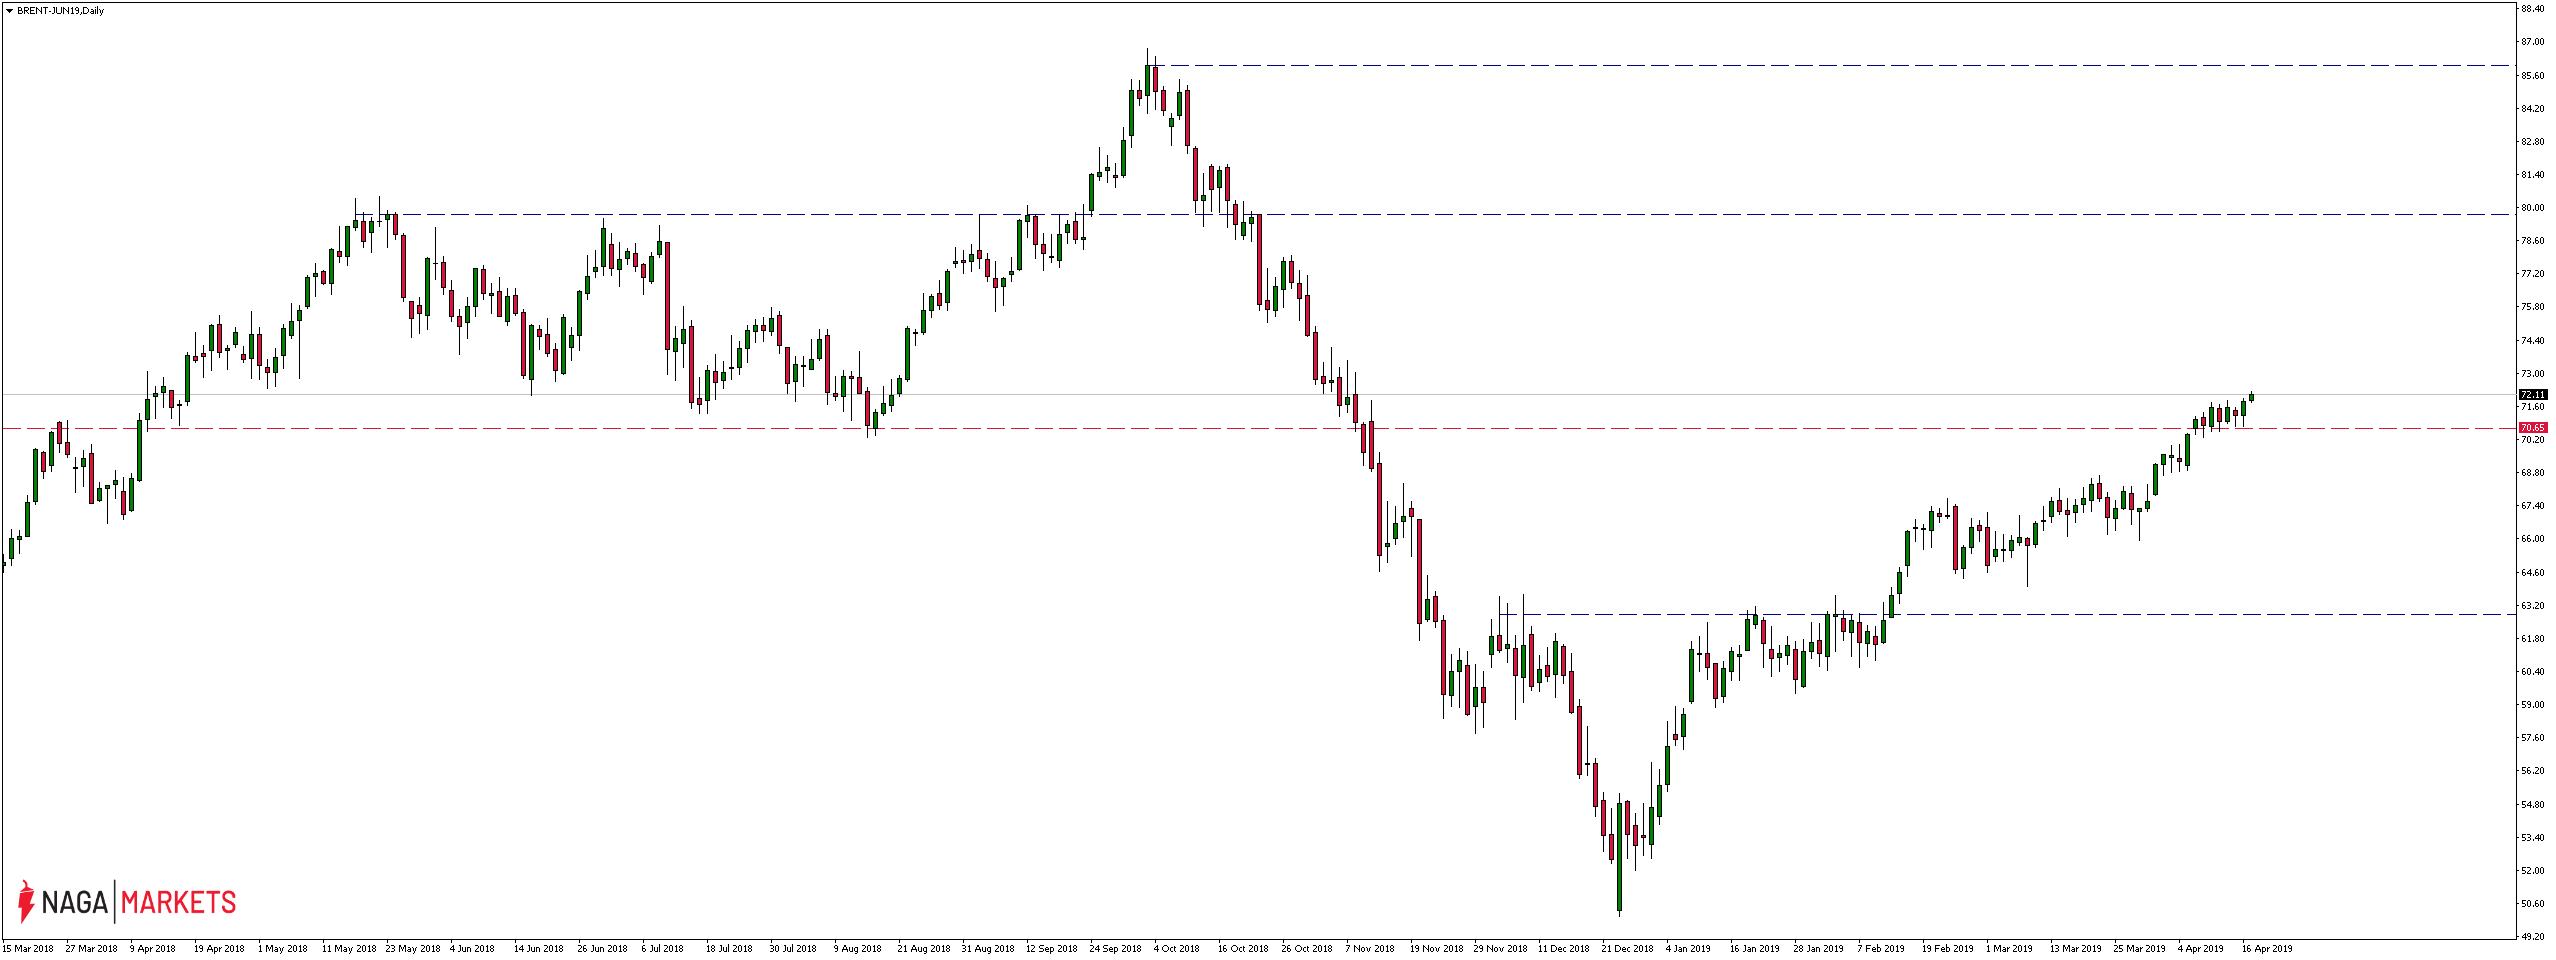 Cena ropy BRENT przekracza barierę 72 dolarów